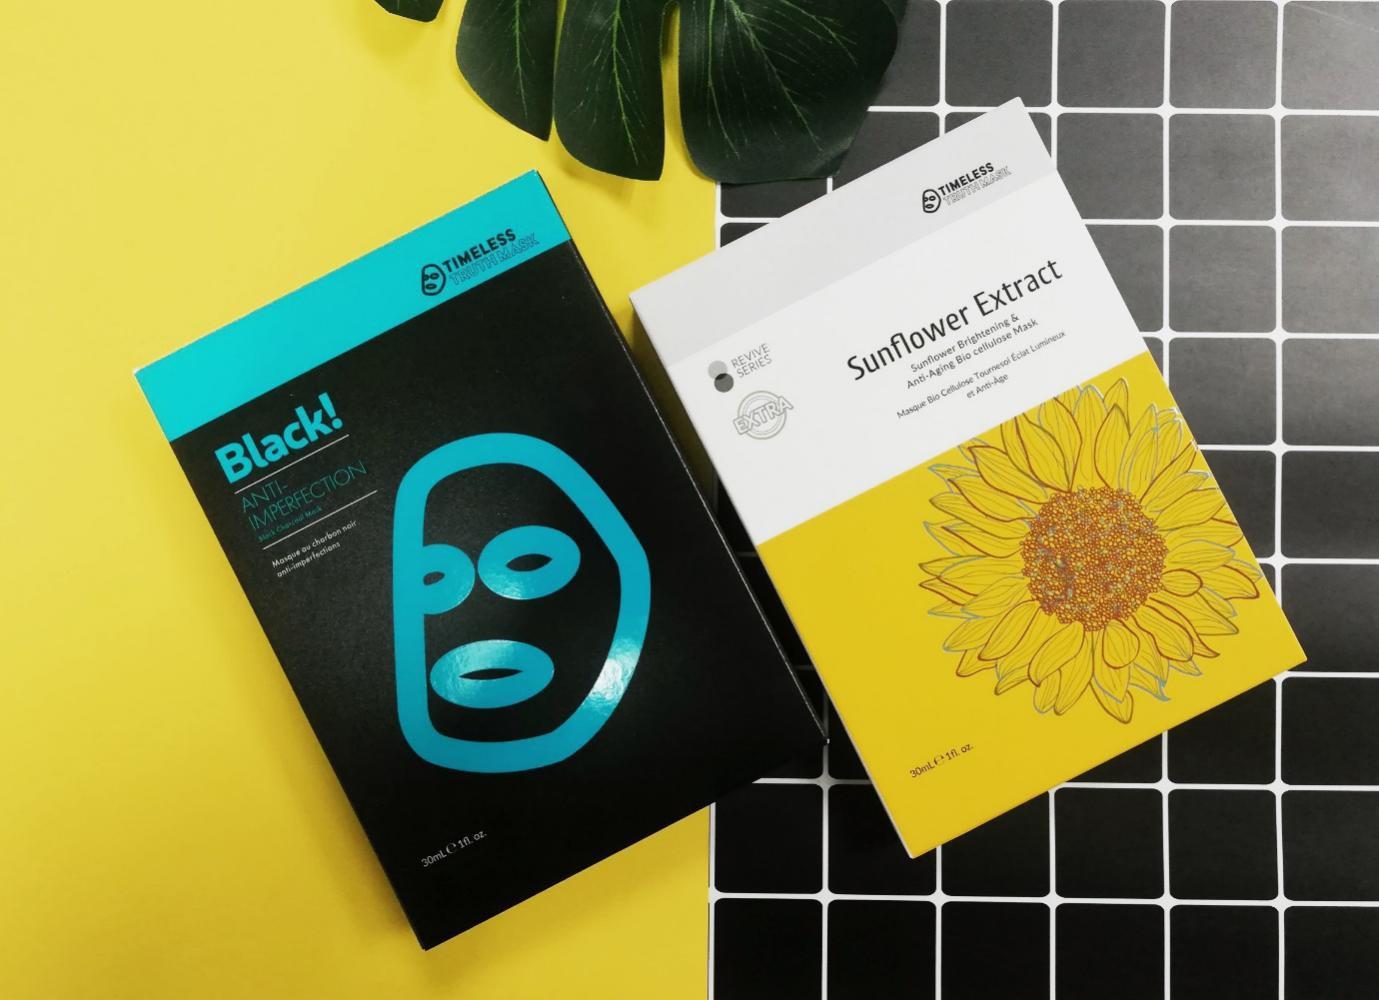 Da sạch mụn, sáng khỏe với mặt nạ Timeless Truth Mask - Ảnh 1.